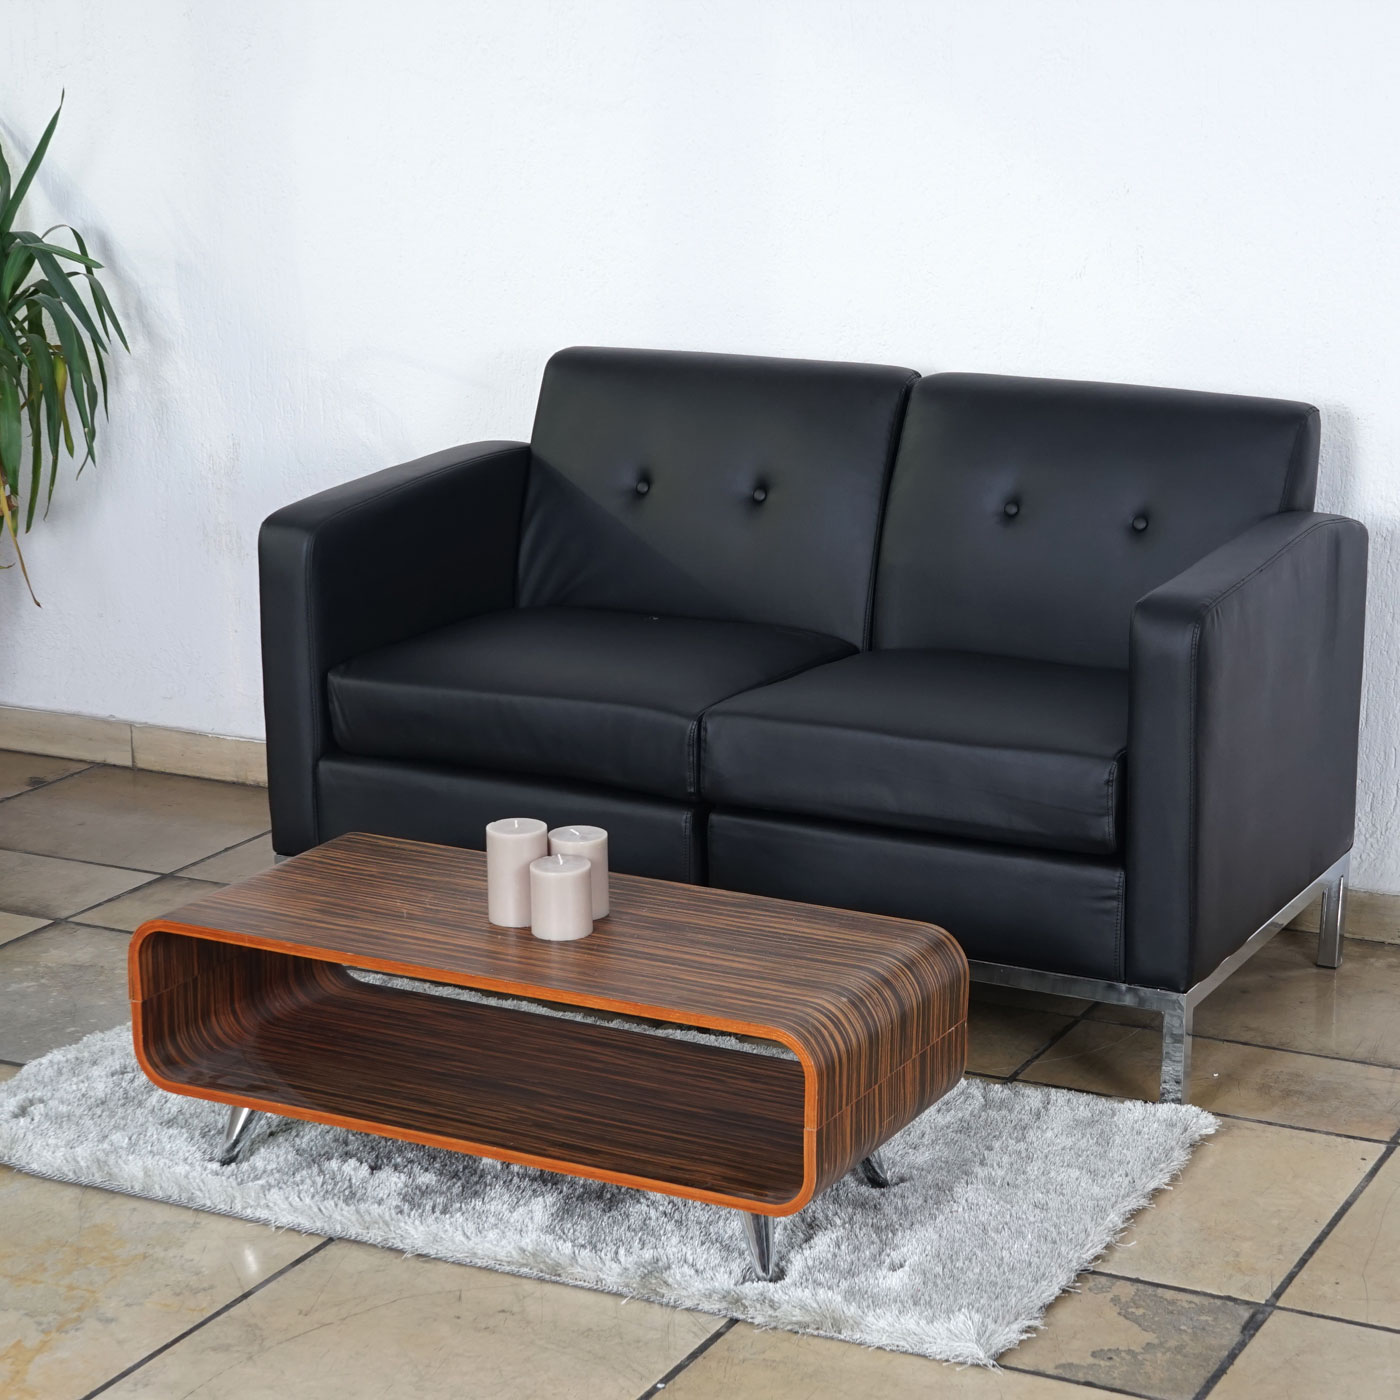 2er sofa hwc c19 modular sofa couch mit armlehnen erweiterbar kunstleder schwarz. Black Bedroom Furniture Sets. Home Design Ideas